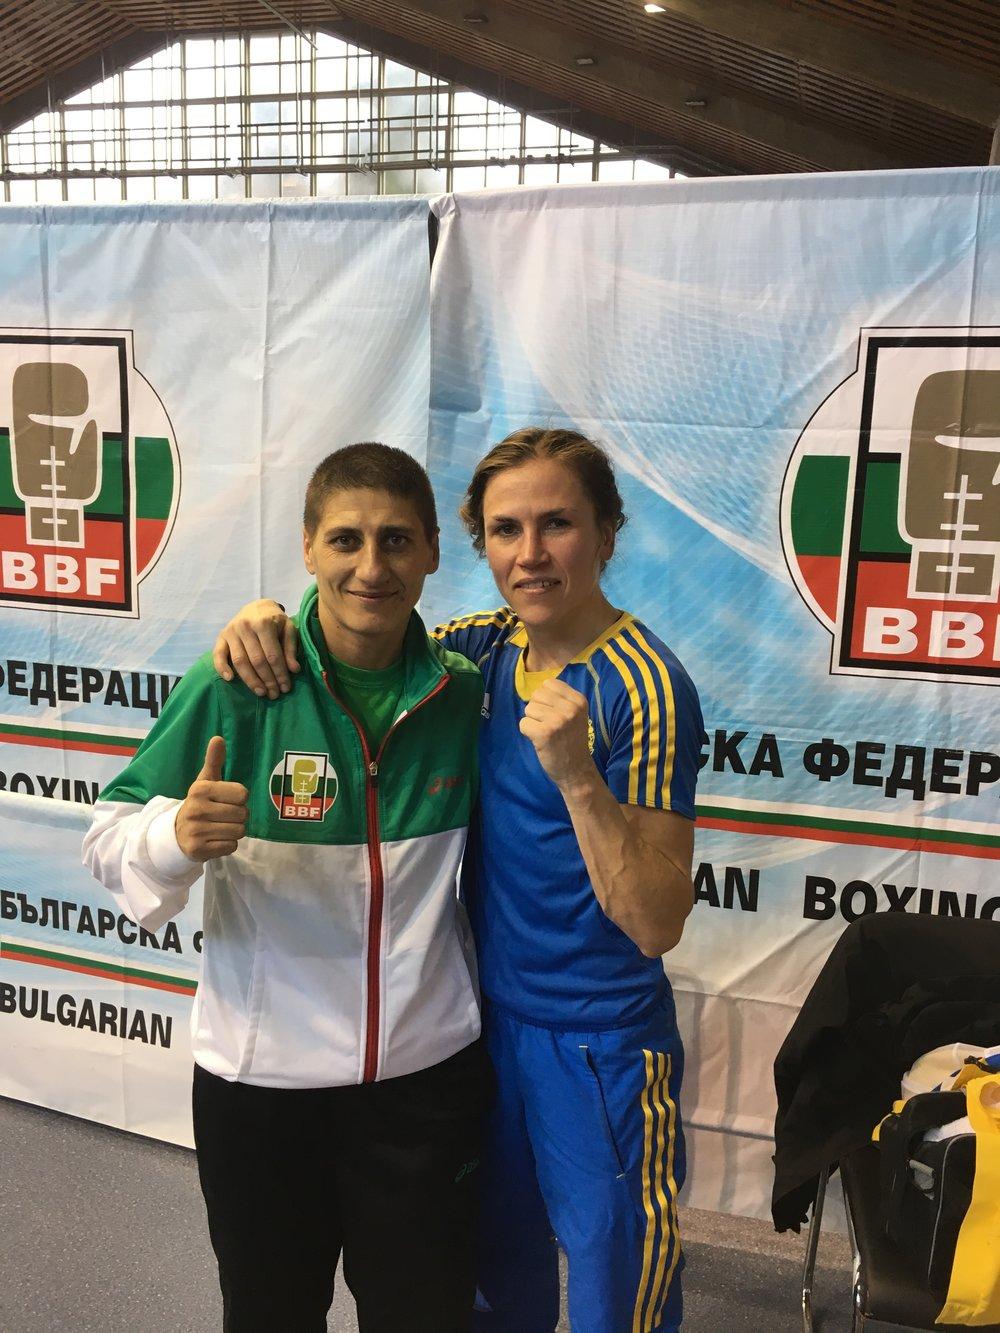 Bulgarien   Sevda Asenova   tog hem vinsten den här gången.